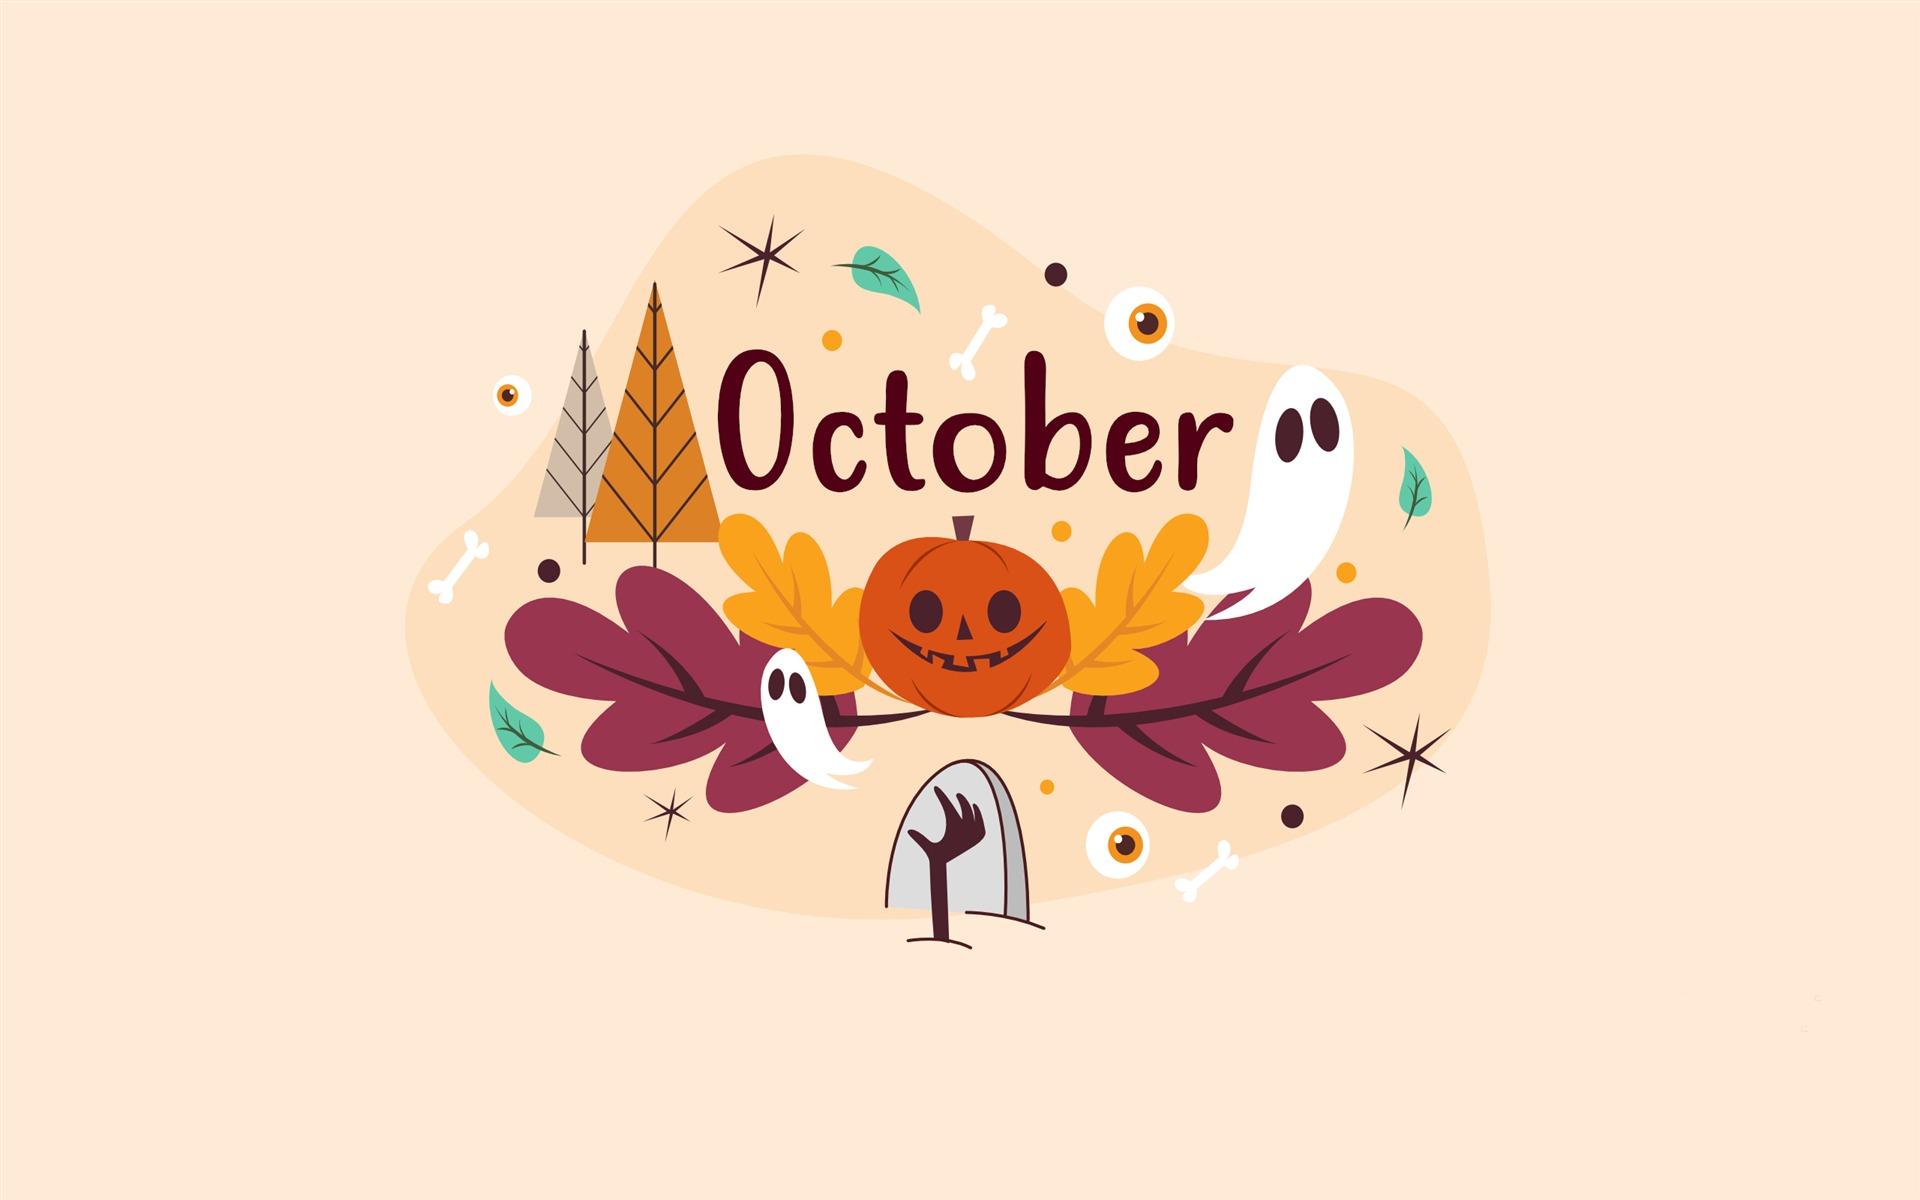 Красный октябрь сегодня это не только большое арткомьюнити а территория с новой